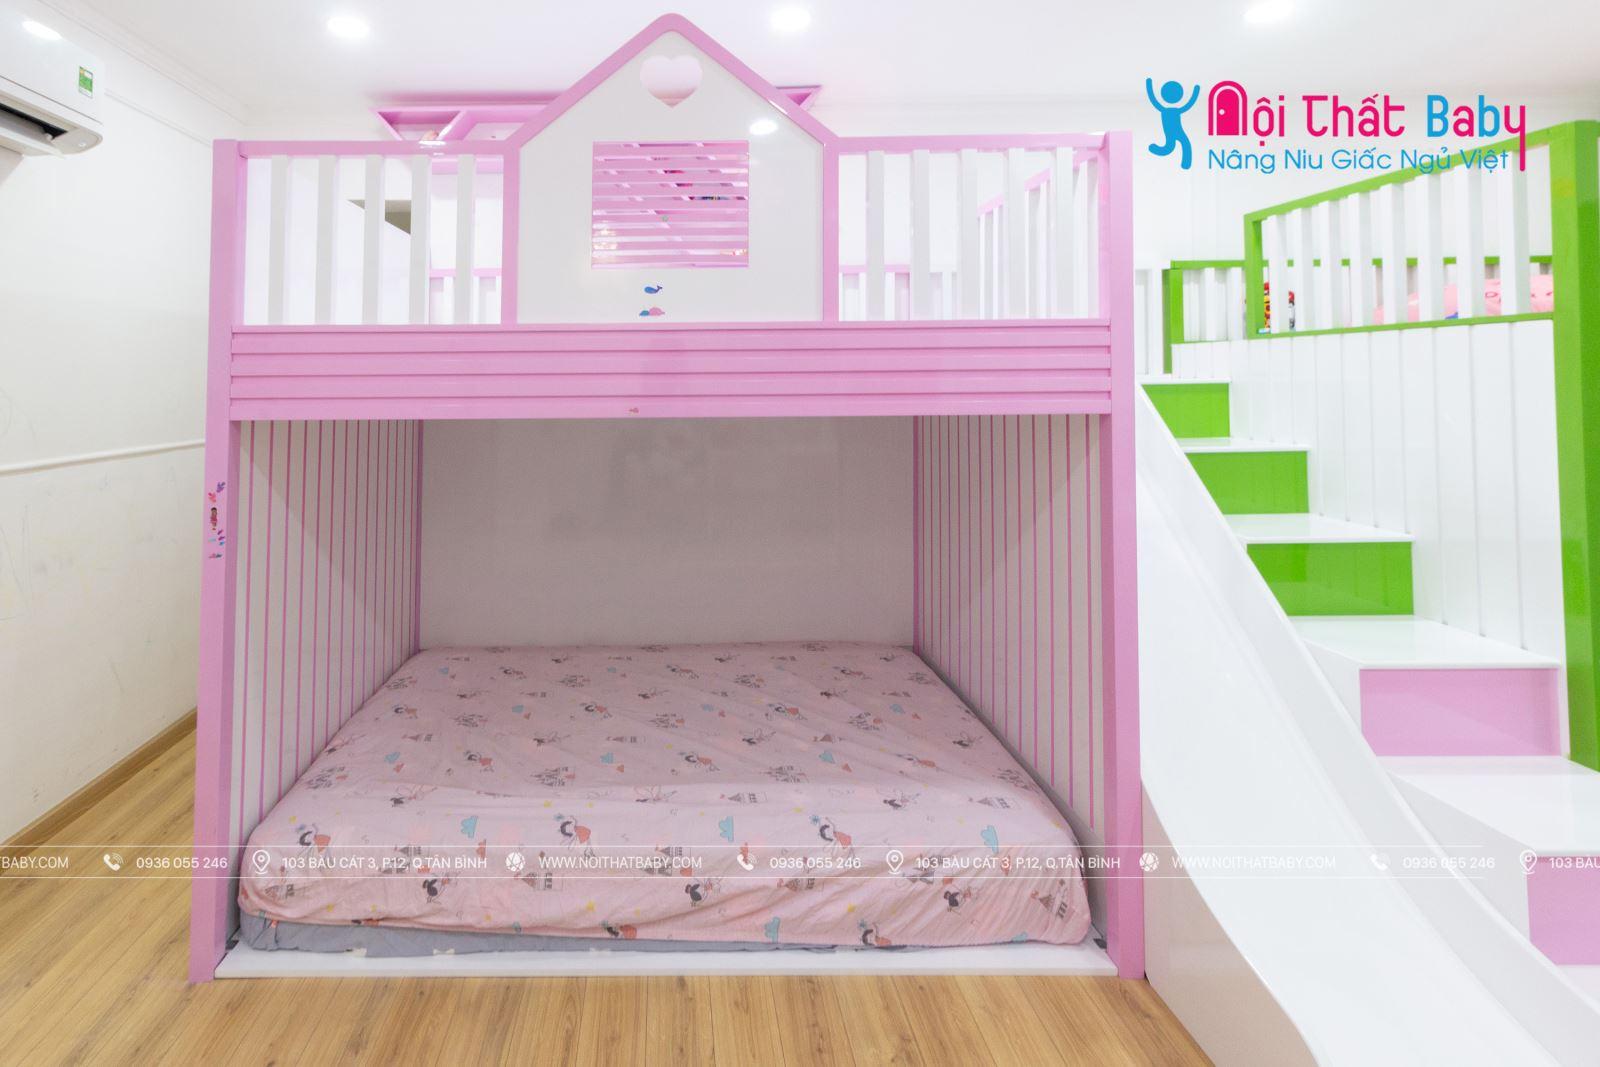 Hình ảnh thực tế thi công phòng ngủ bé nhà chị Trâm - Tân Bình